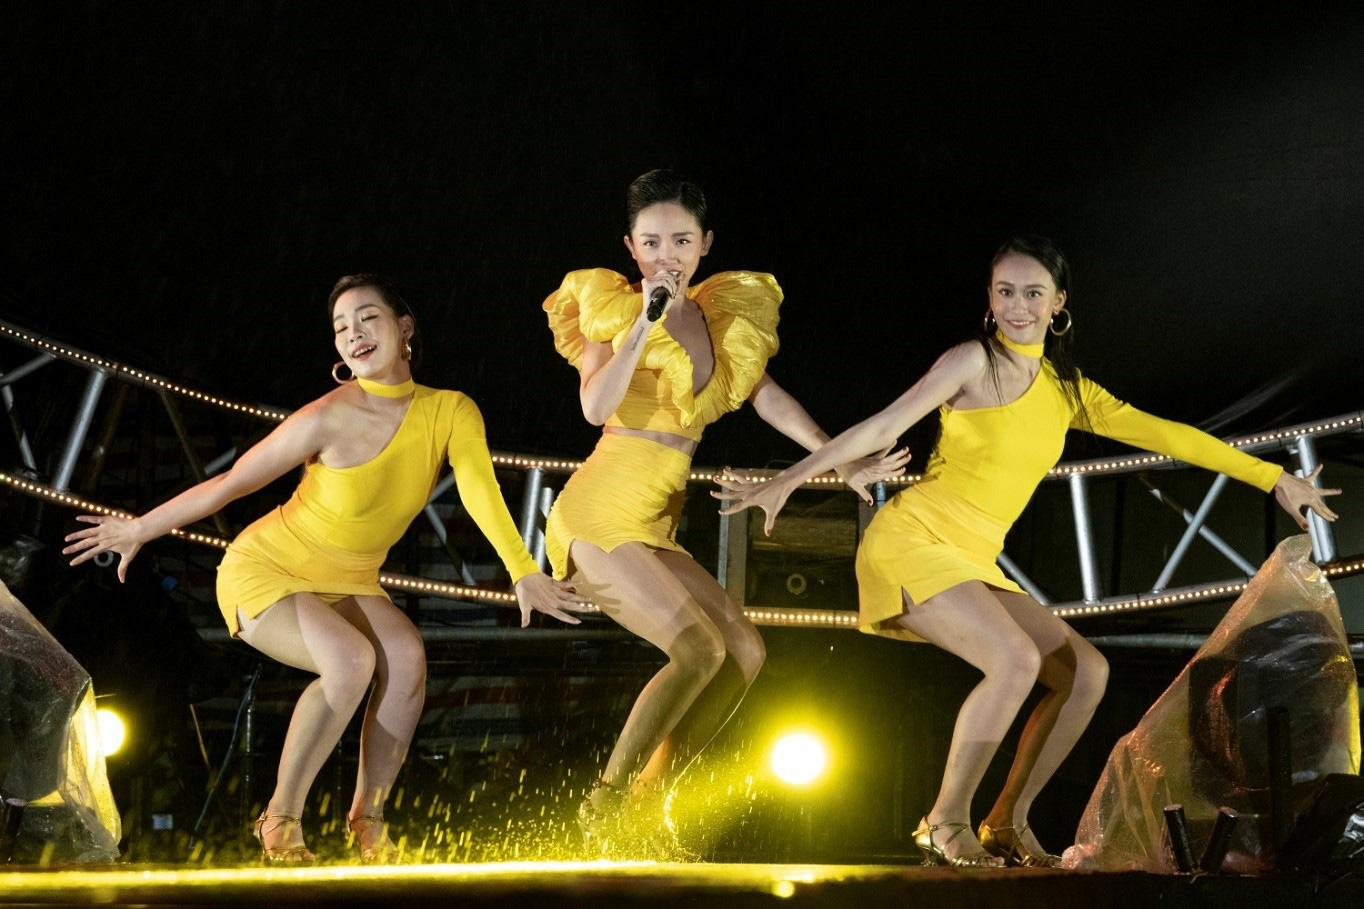 Quán quân Rap Việt 2020 Dế Choắt có màn trình diễn trên sân khấu lớn tại Đà Nẵng, sẽ song ca cùng Tóc Tiên? - Ảnh 3.